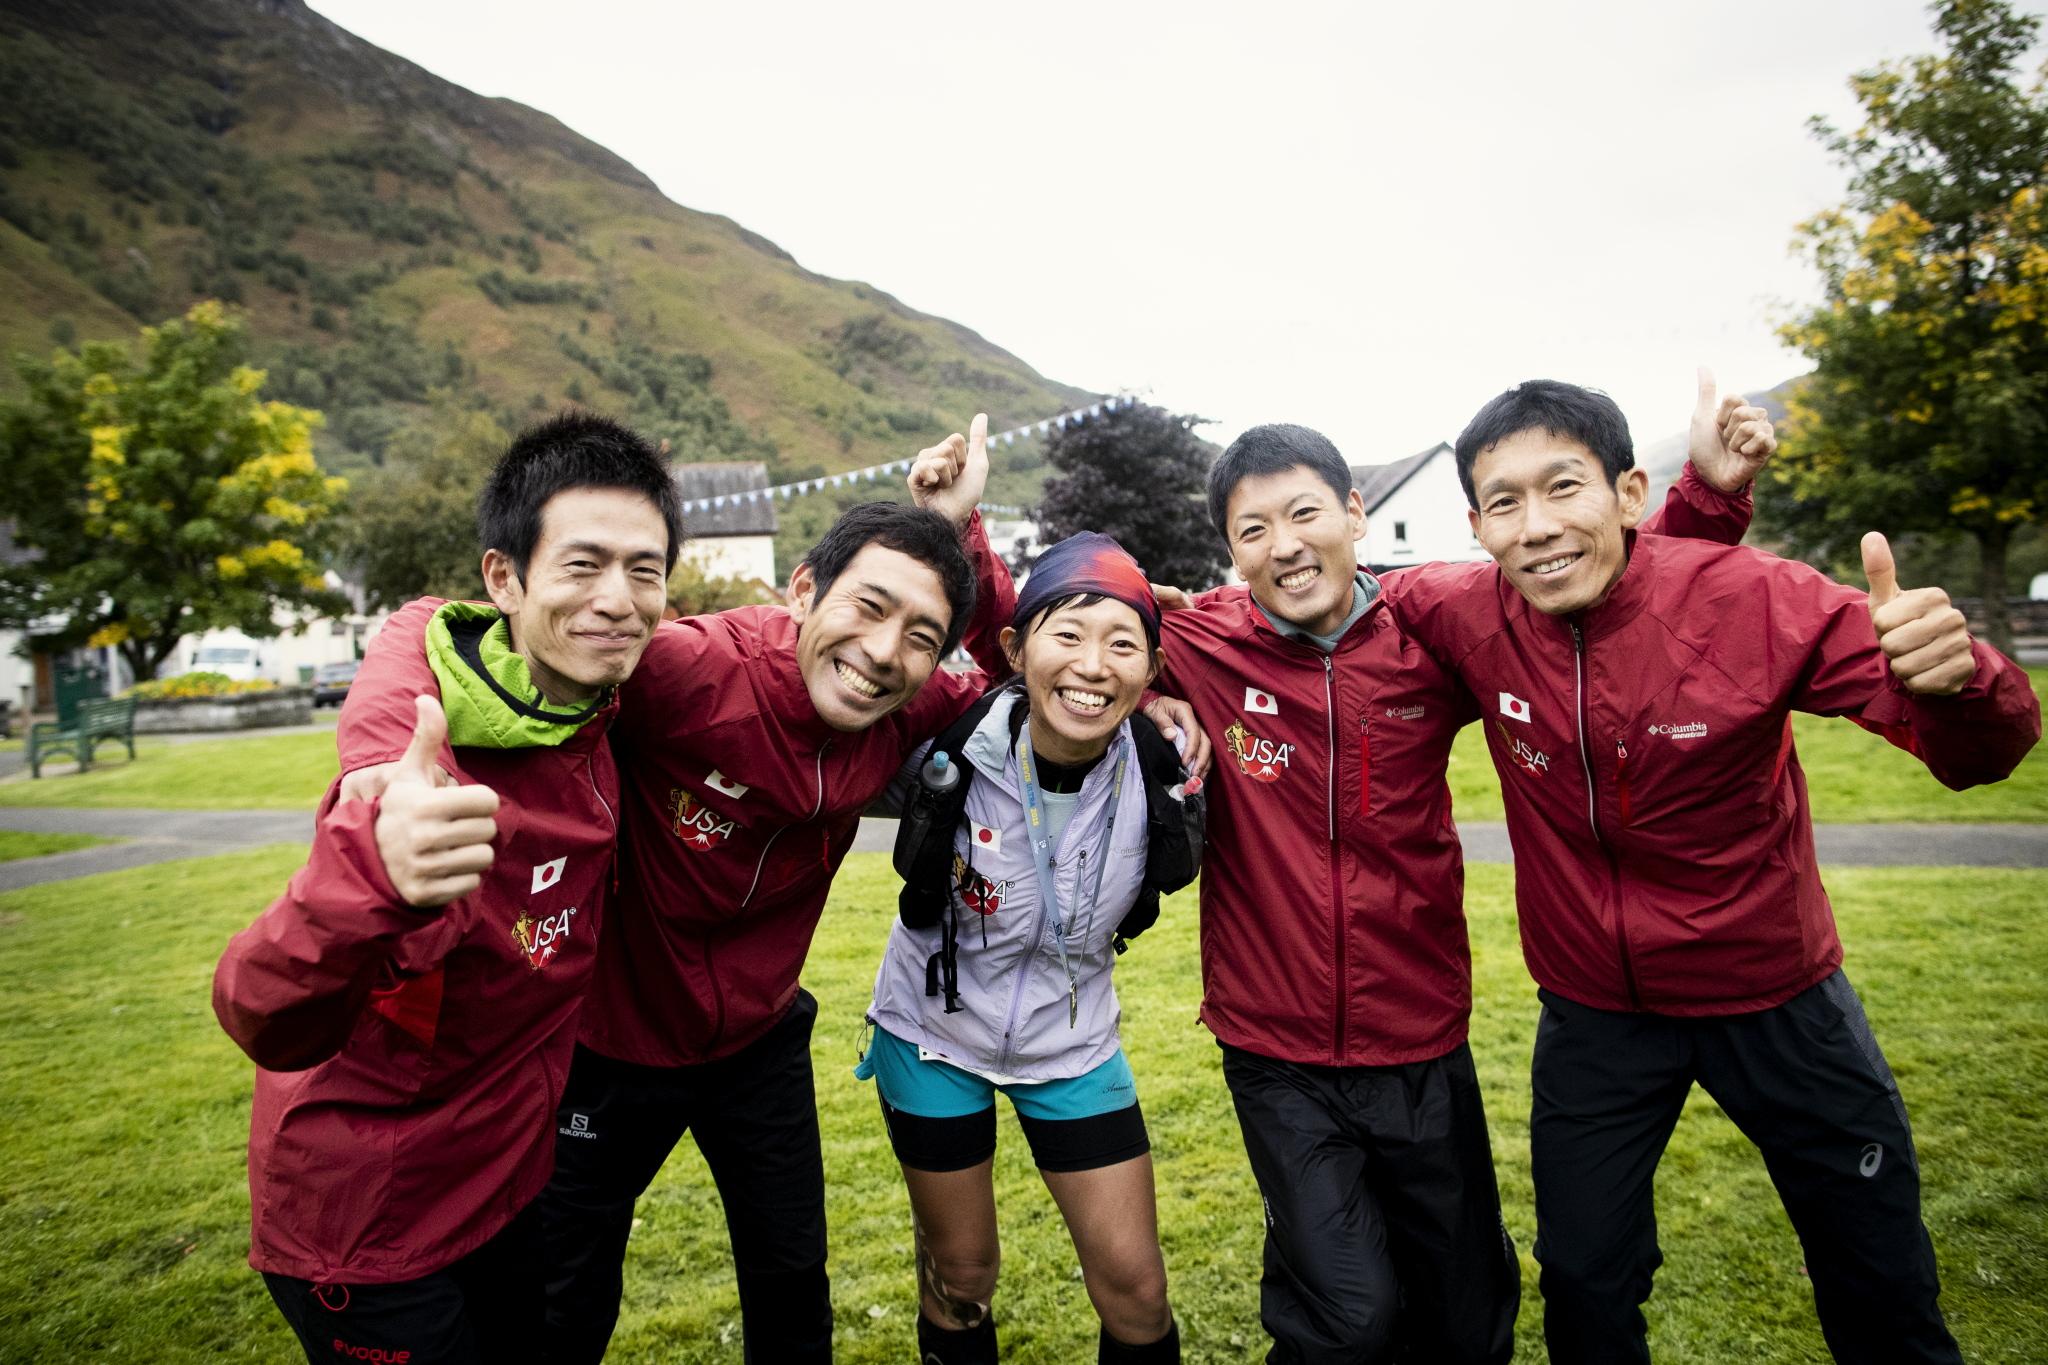 チームに良い流れをつくってくれたウルトラ組 ©Sho Fujimaki